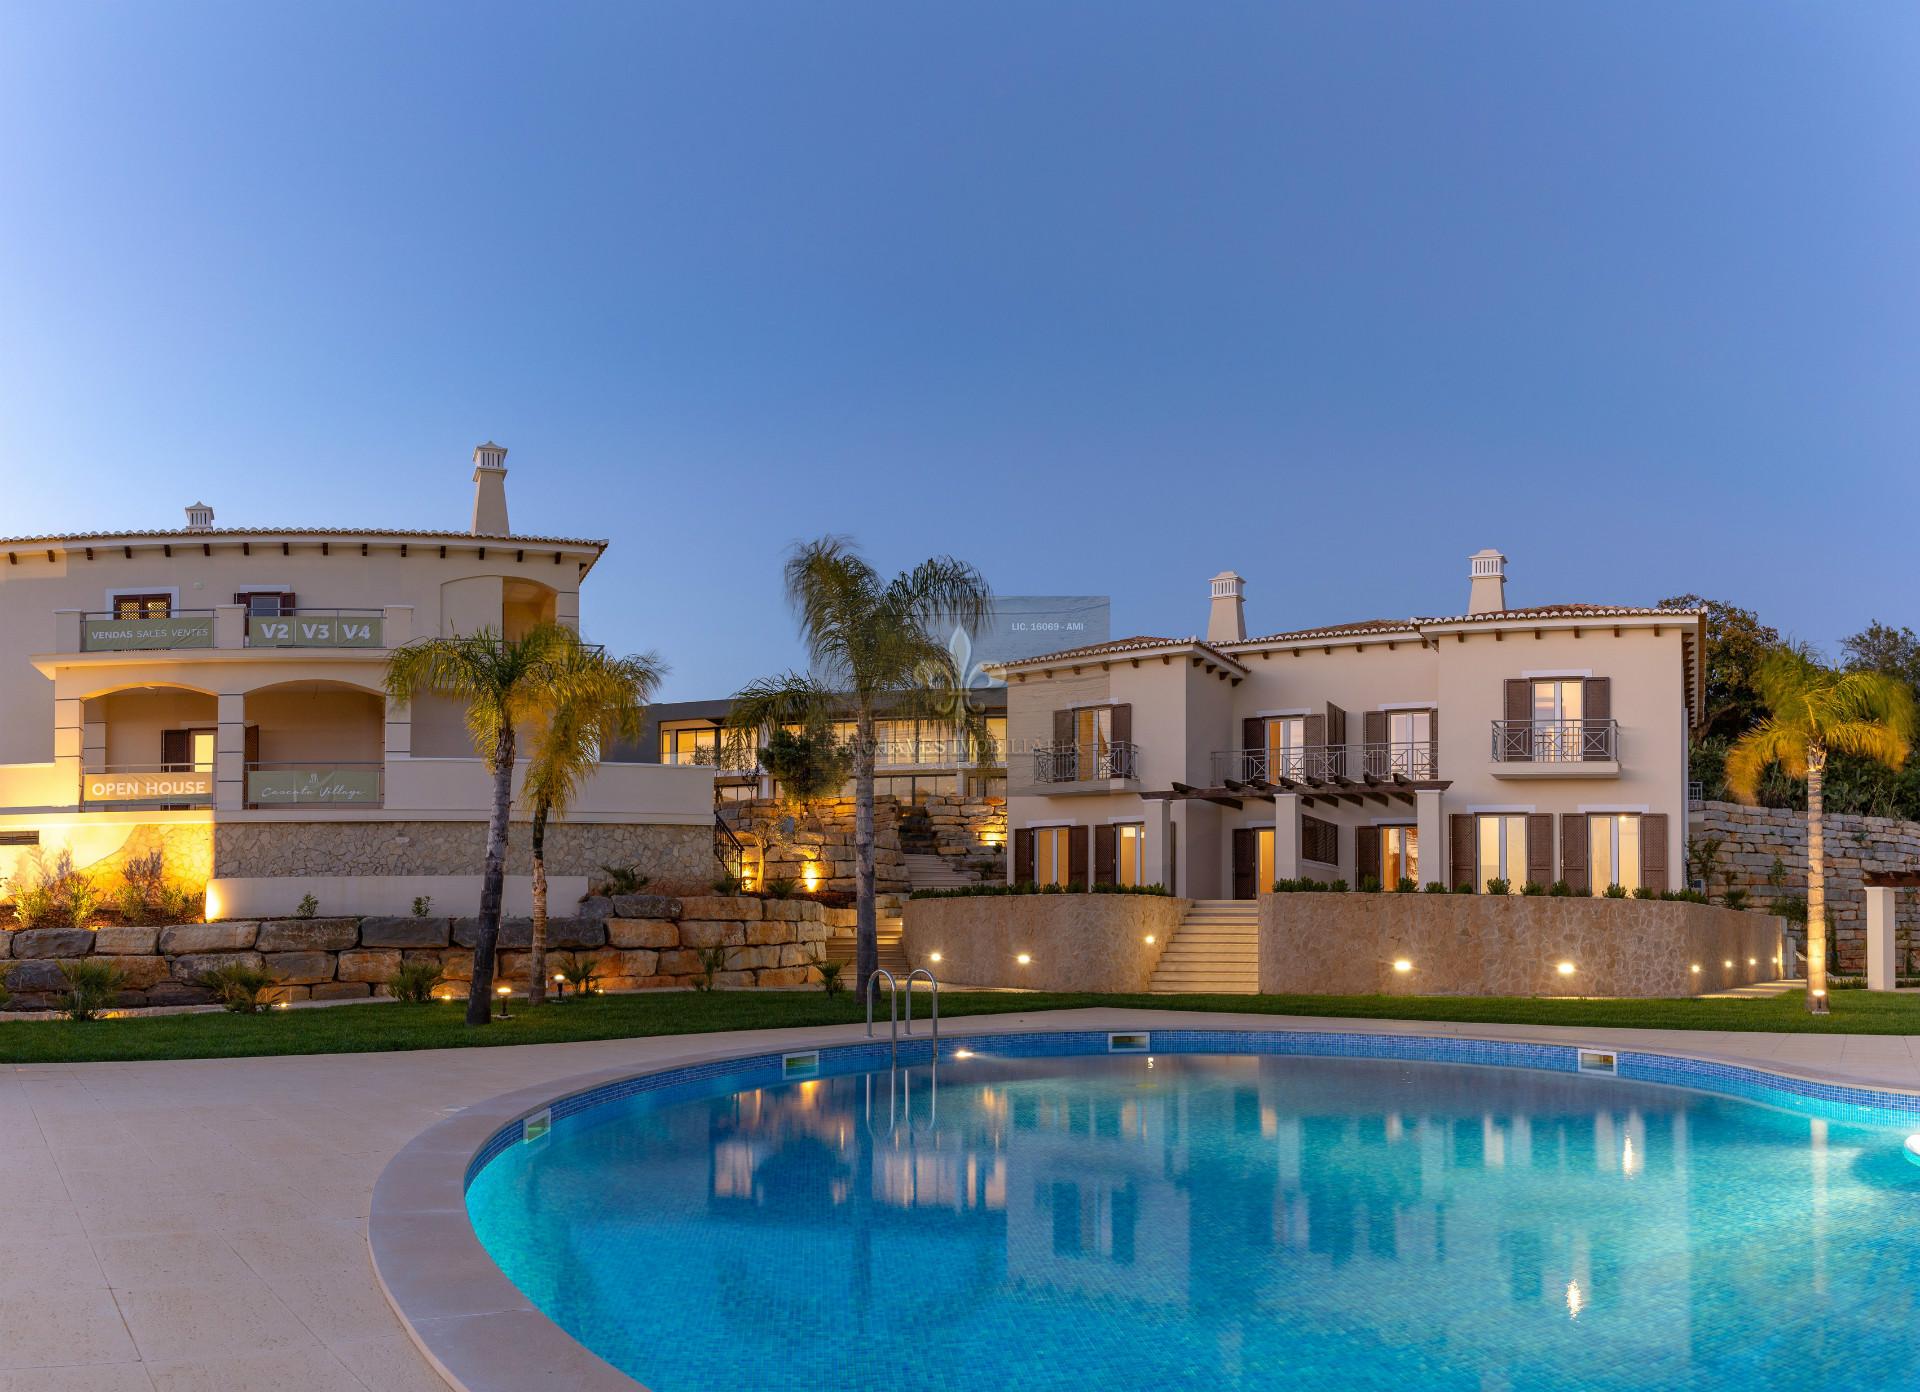 Moradia V3 Nova estilo Mediterrânica com piscina em Albufeira.